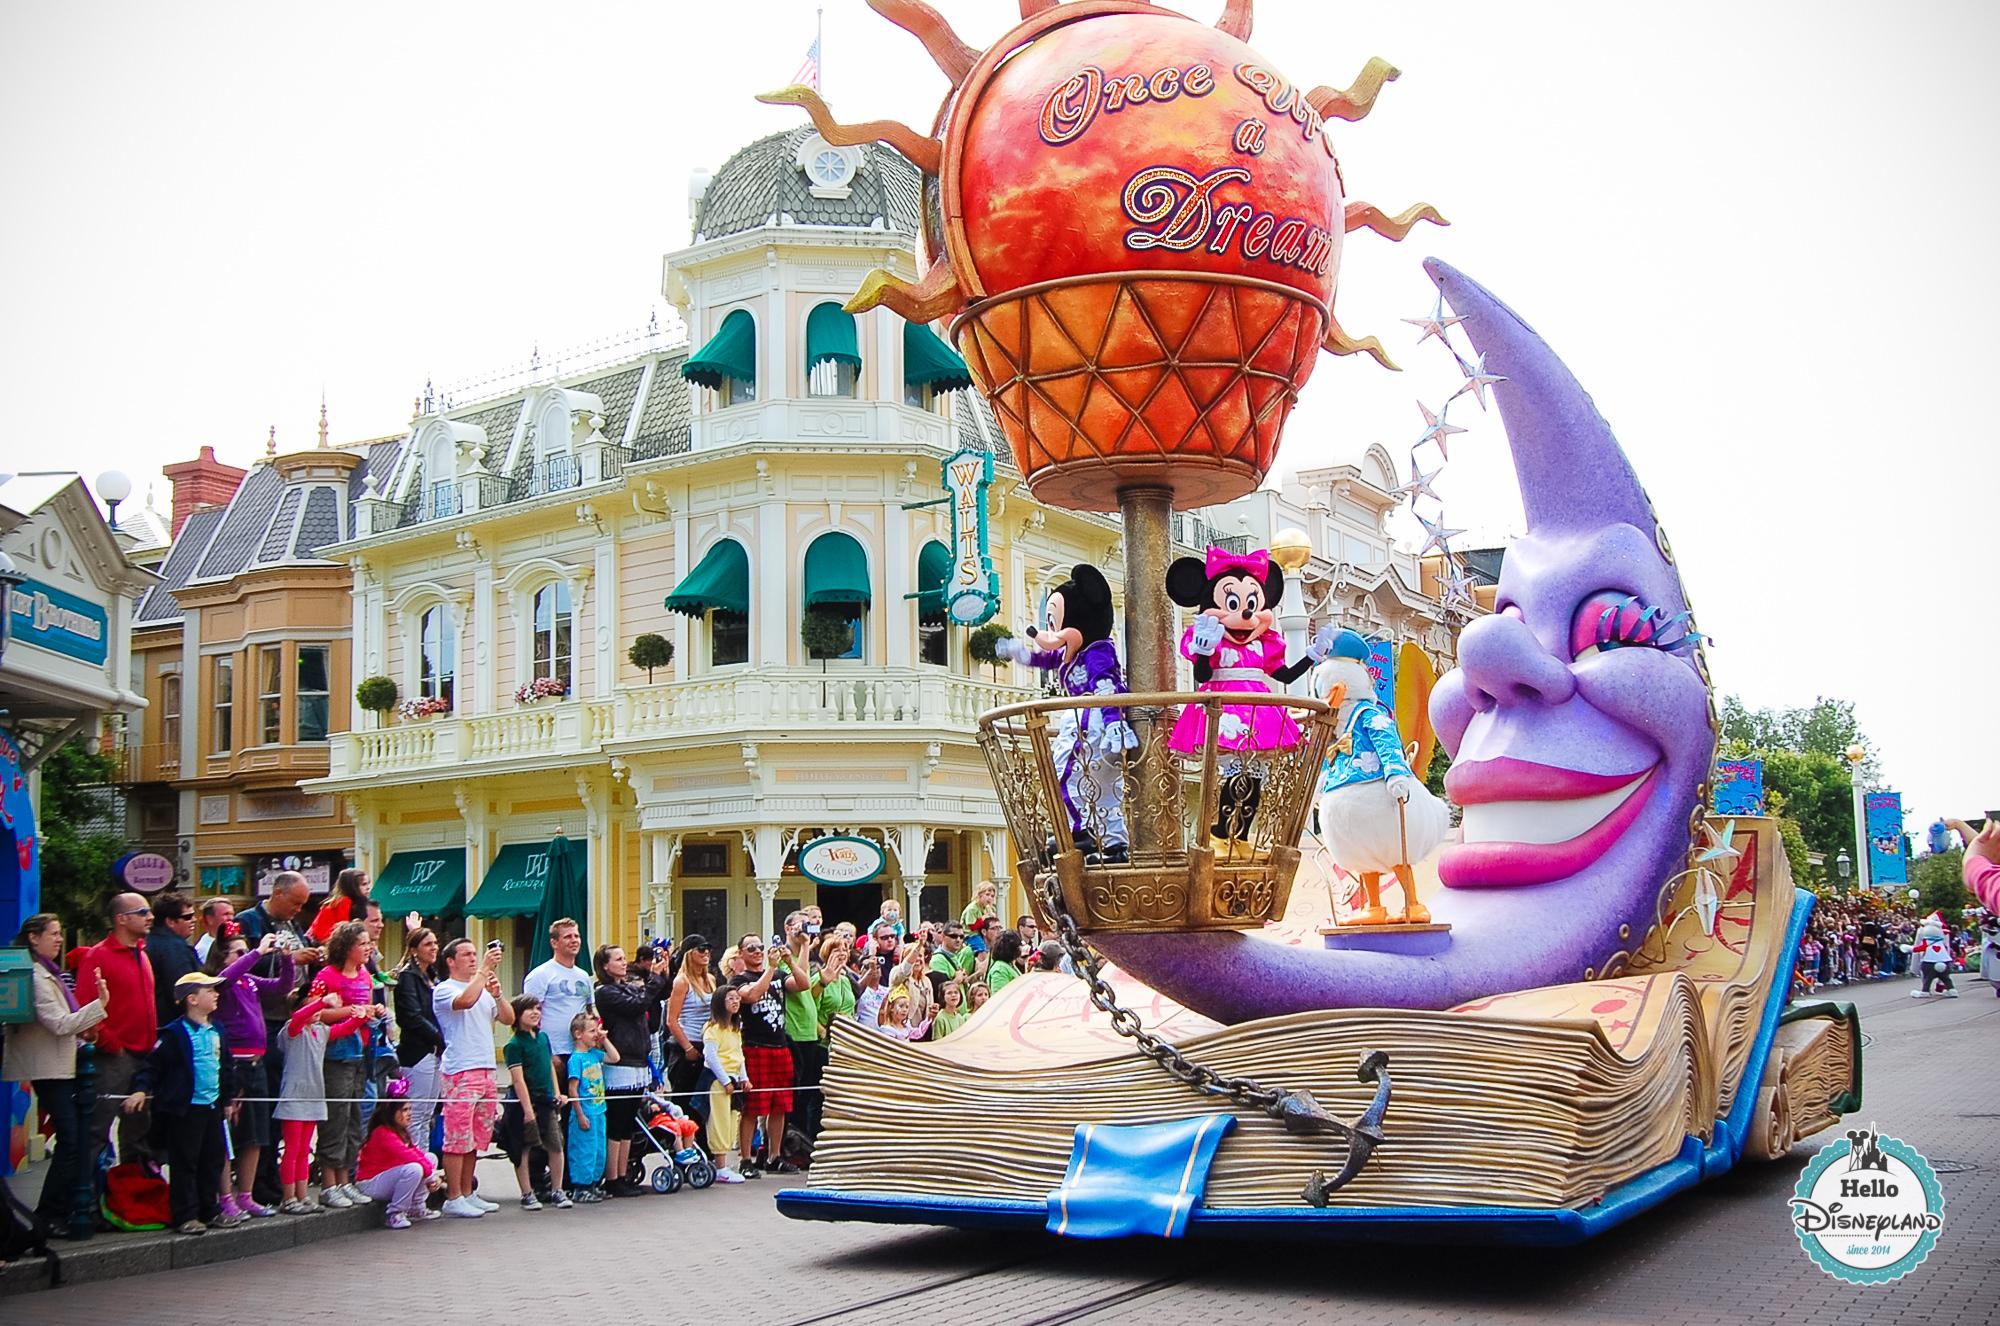 Disney Once Upon a Dream Parade - Disneyland Paris -56